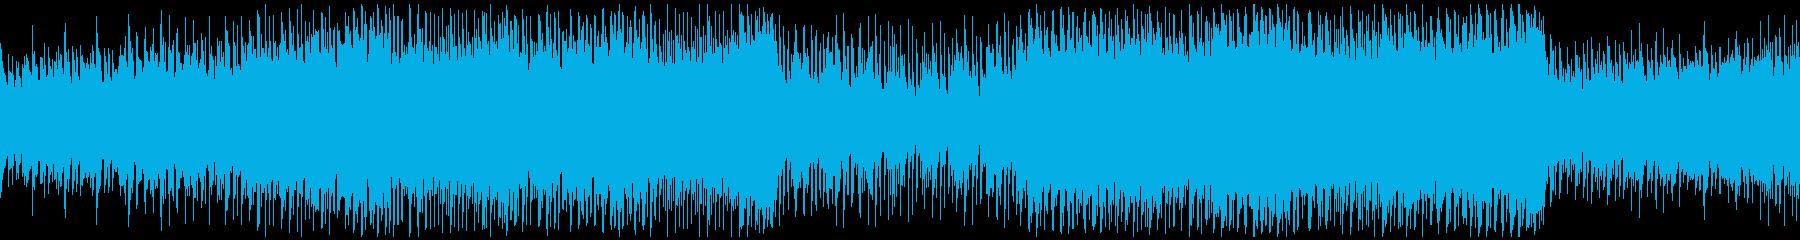 明るいのにほのかに切なさを感じる曲ループの再生済みの波形